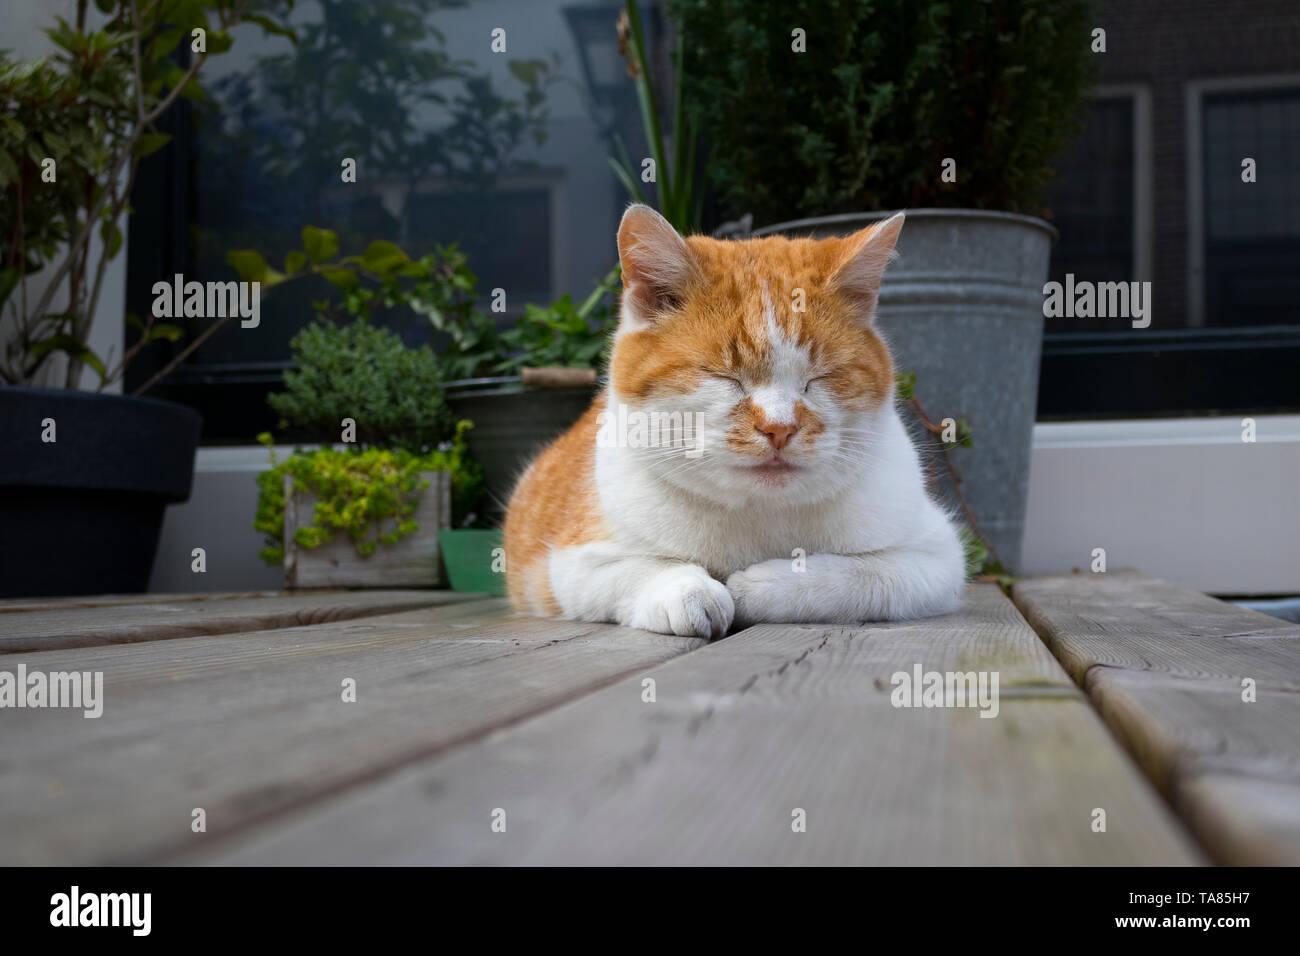 Duerme tranquilo gato rojo y blanco sobre una mesa de jardín de madera Imagen De Stock